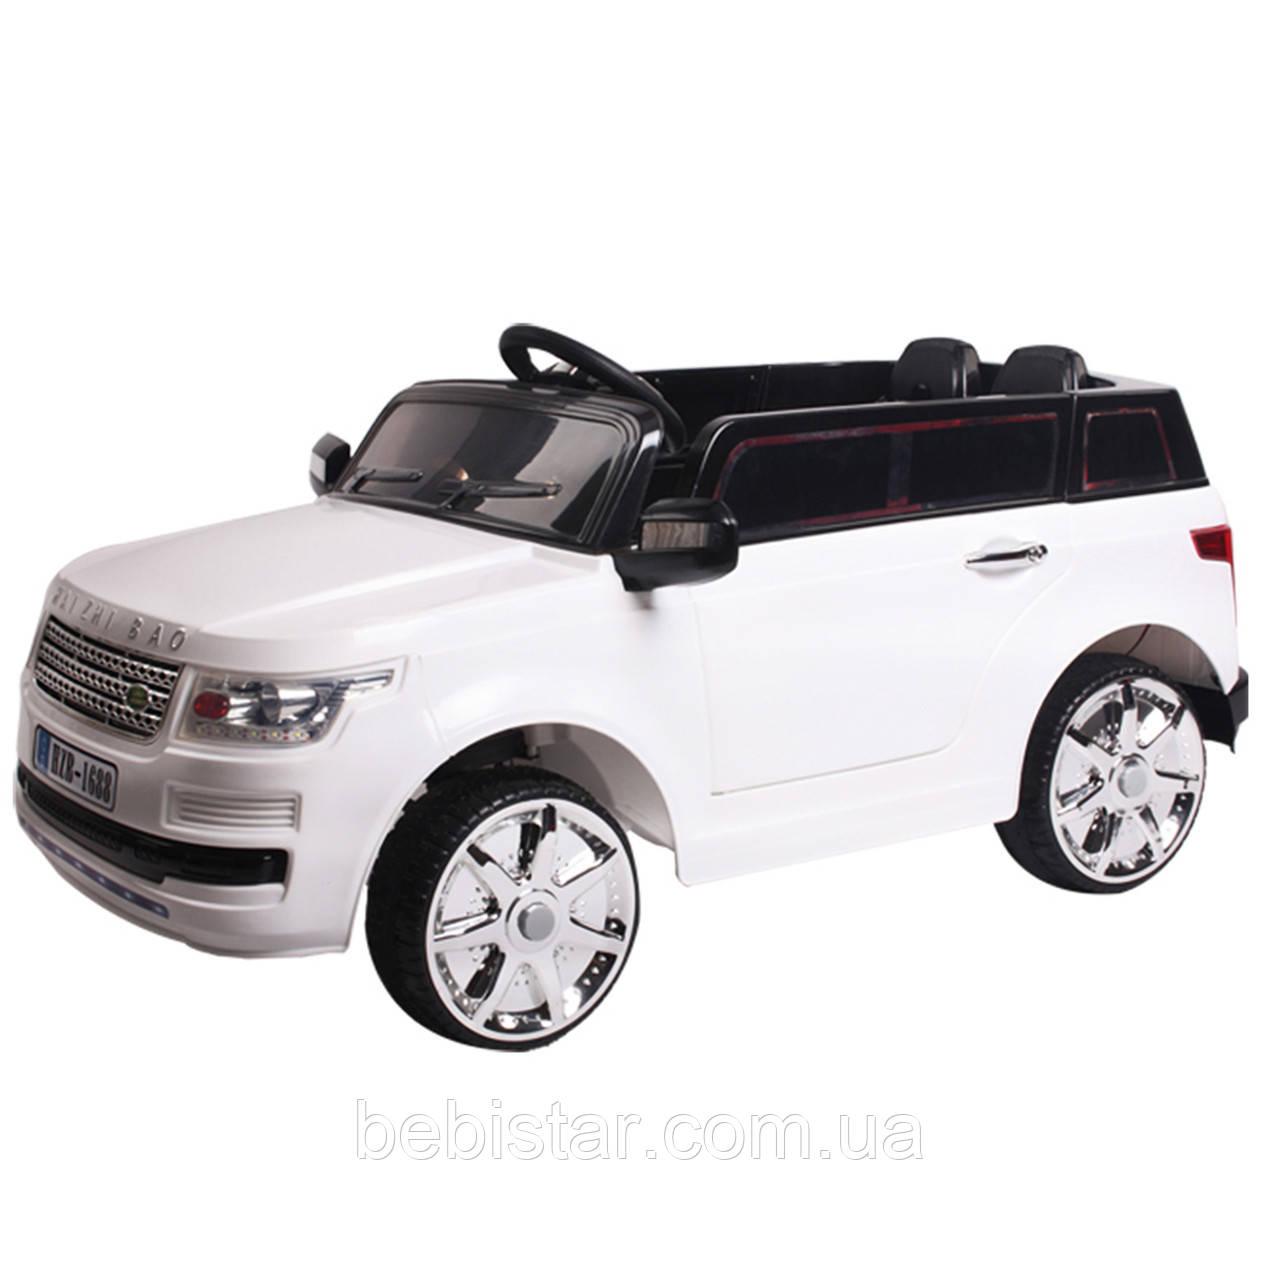 Детский электромобиль Джип белый с пультом аккумулятор 2*6V4.5AH, мотор 2*25W с МР3